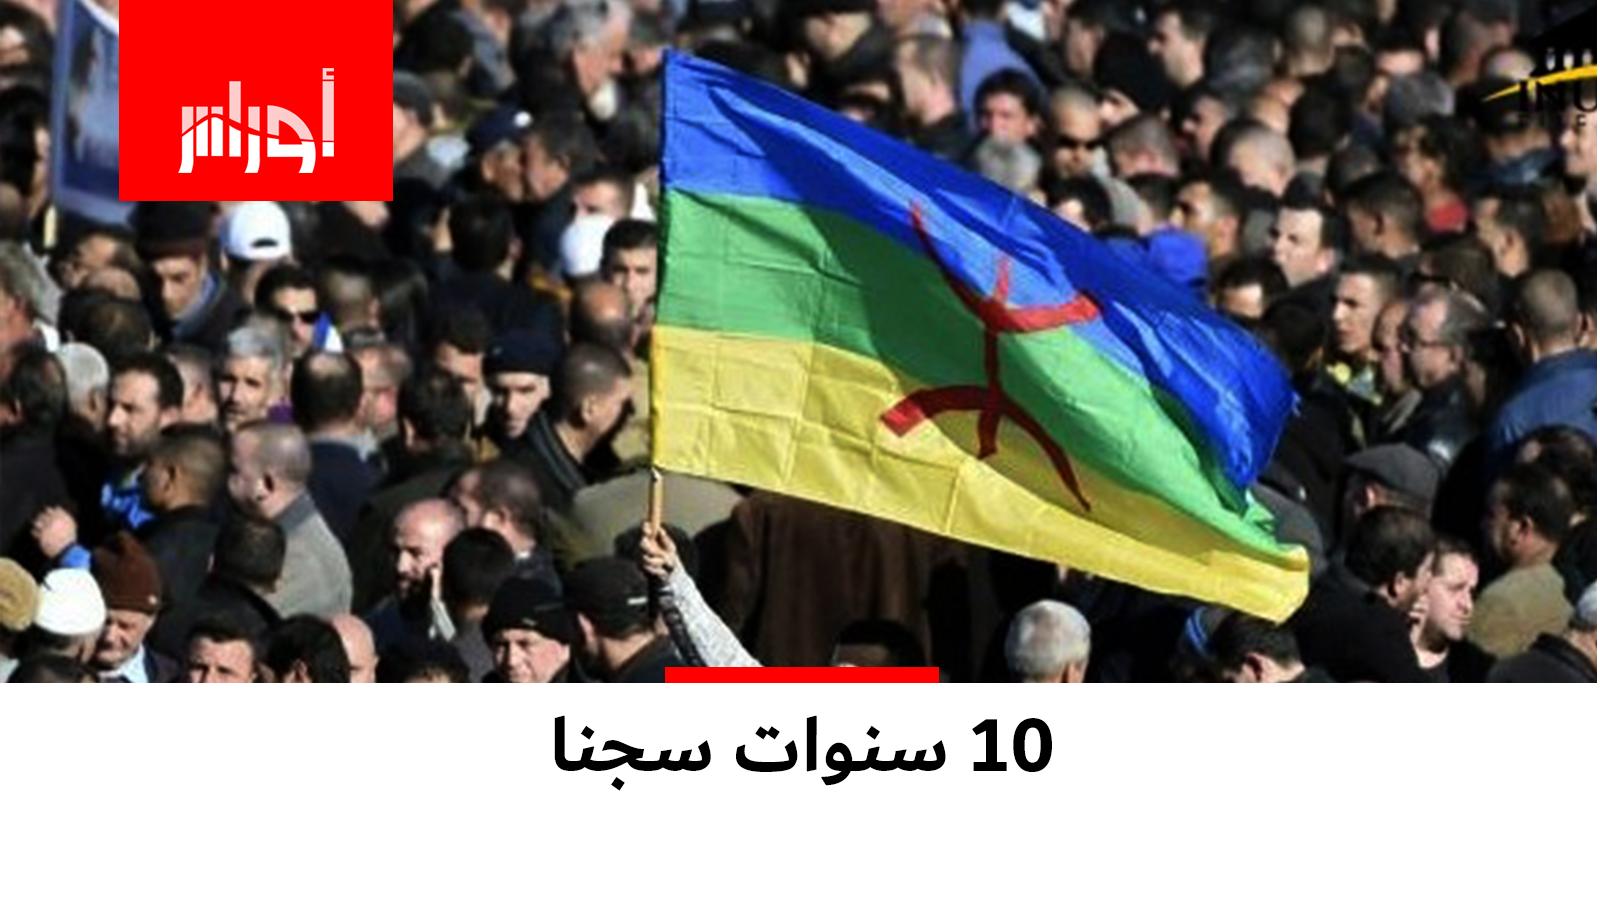 """تسليط عقوبة """"قاسية"""" على رافع للراية الأمازيغية في الحراك الشعبي"""